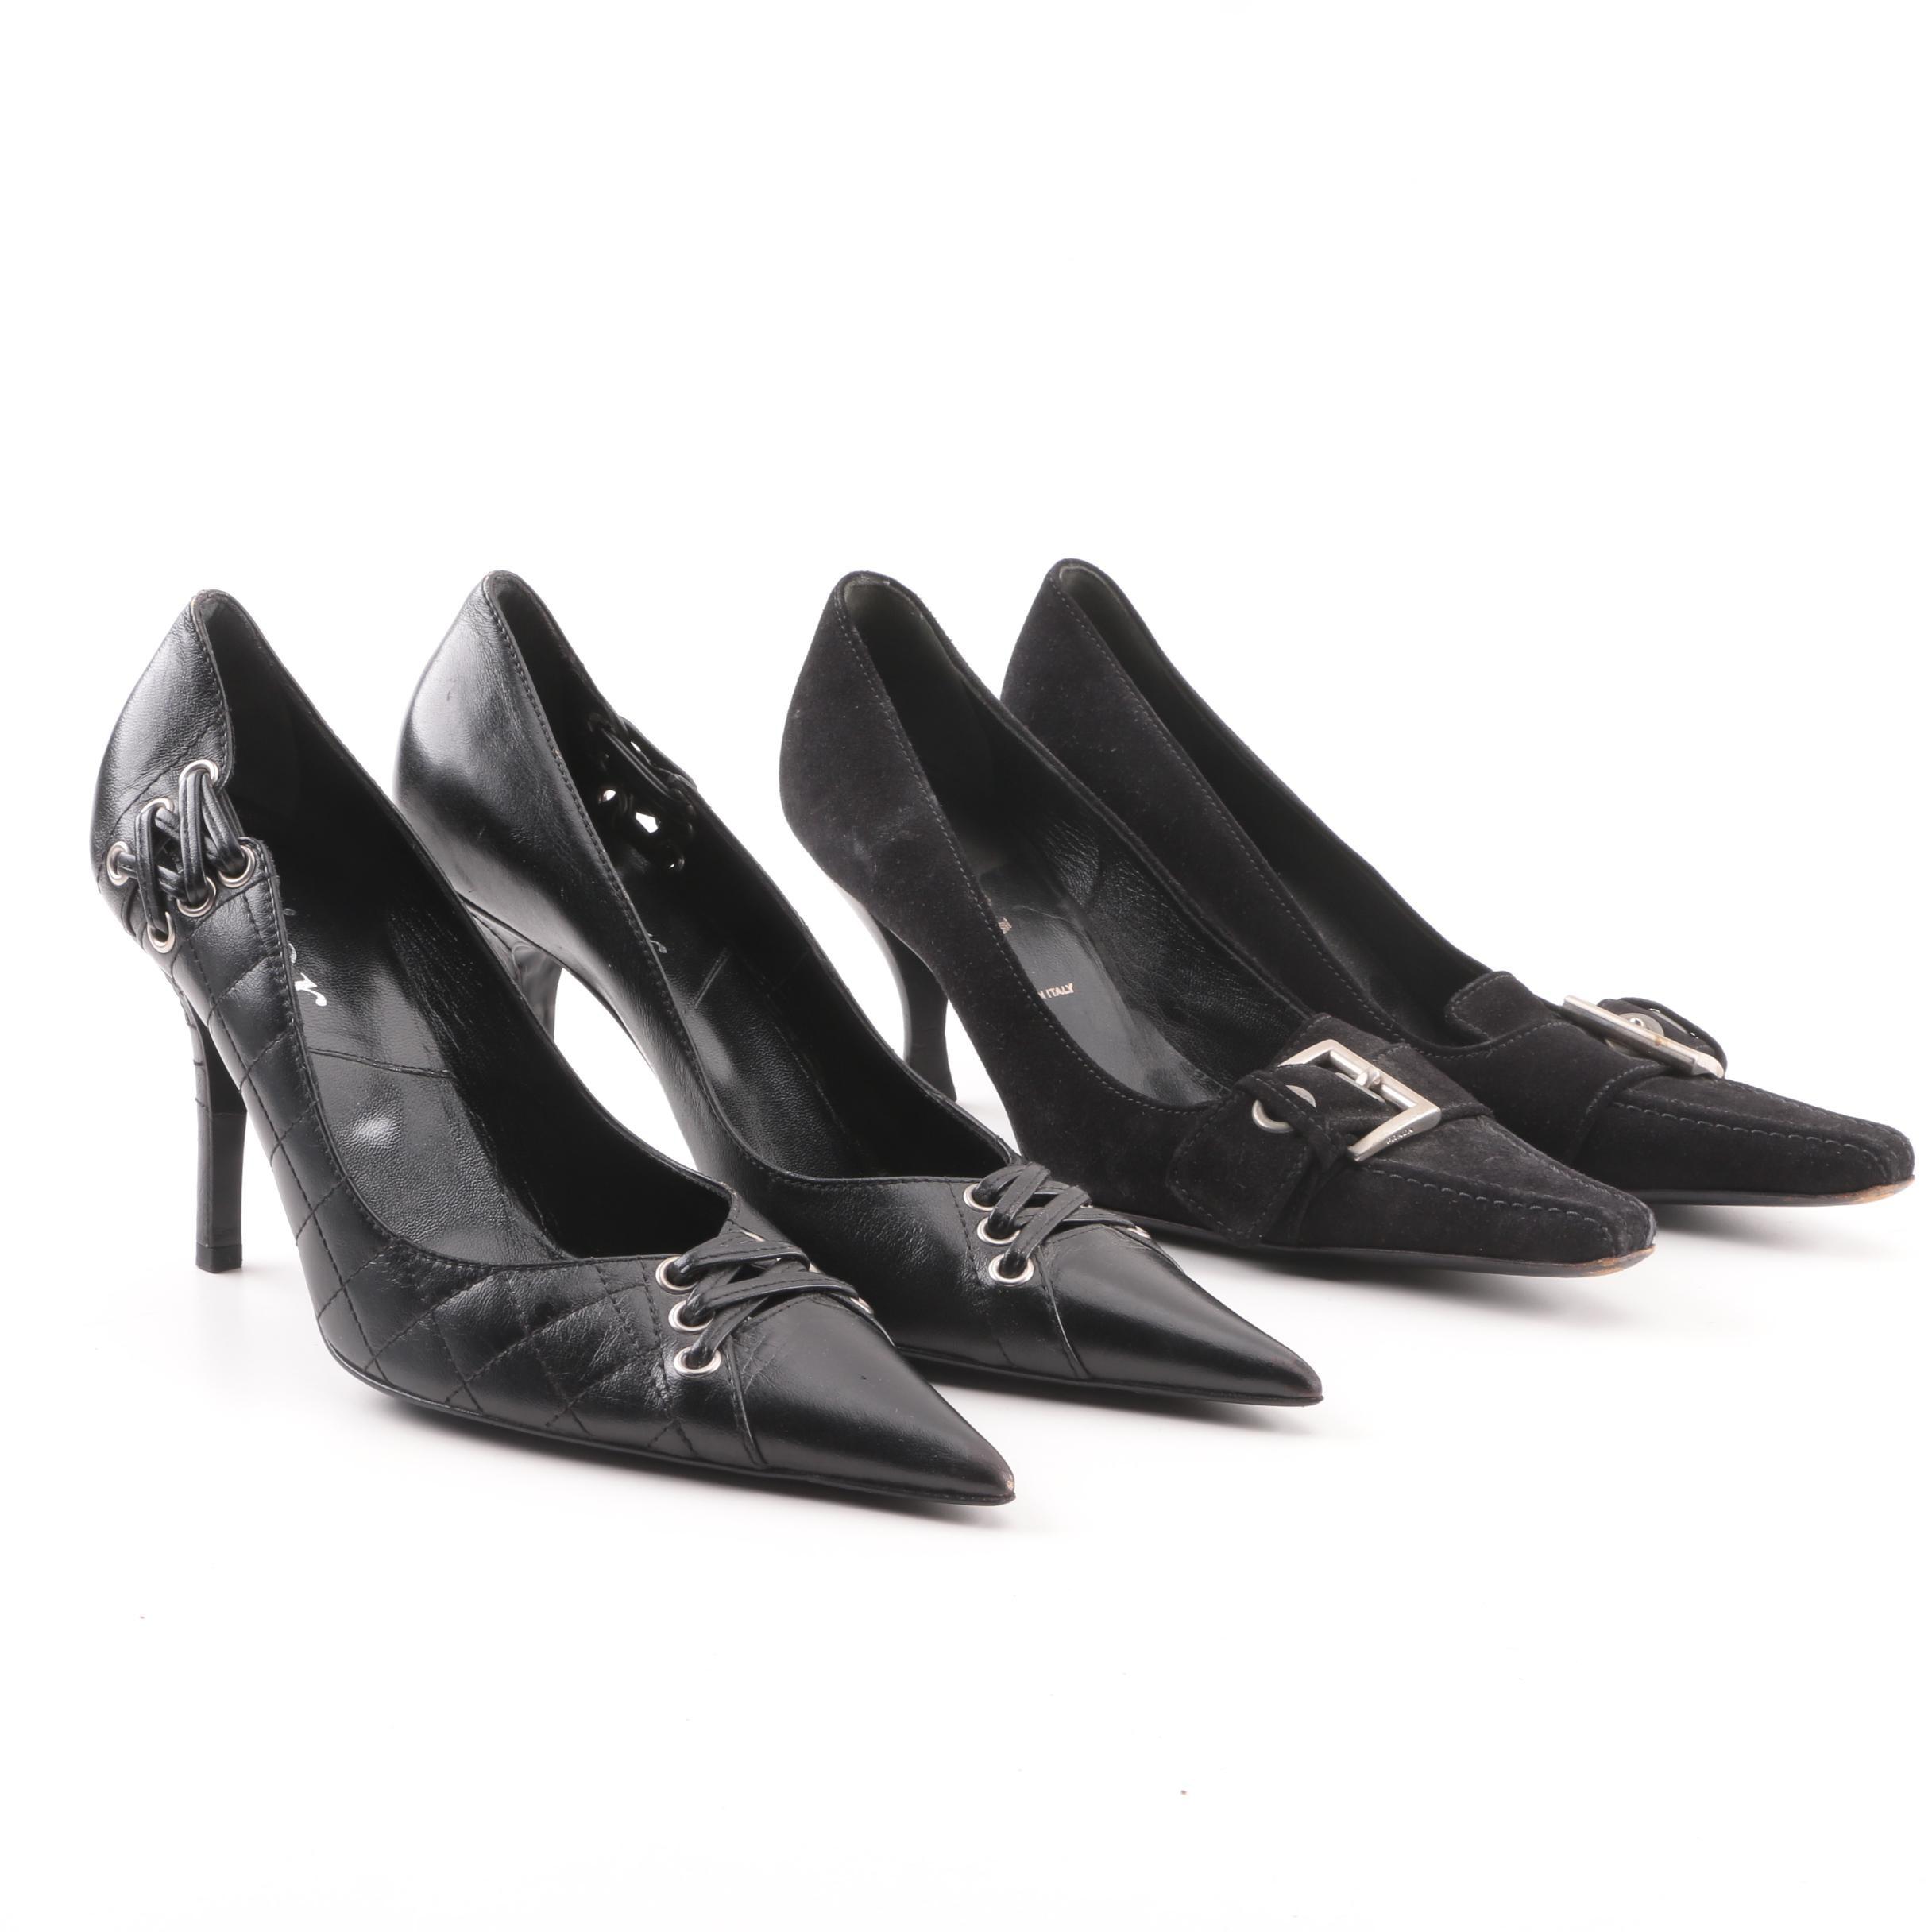 Prada and Dior Black High-Heeled Pumps